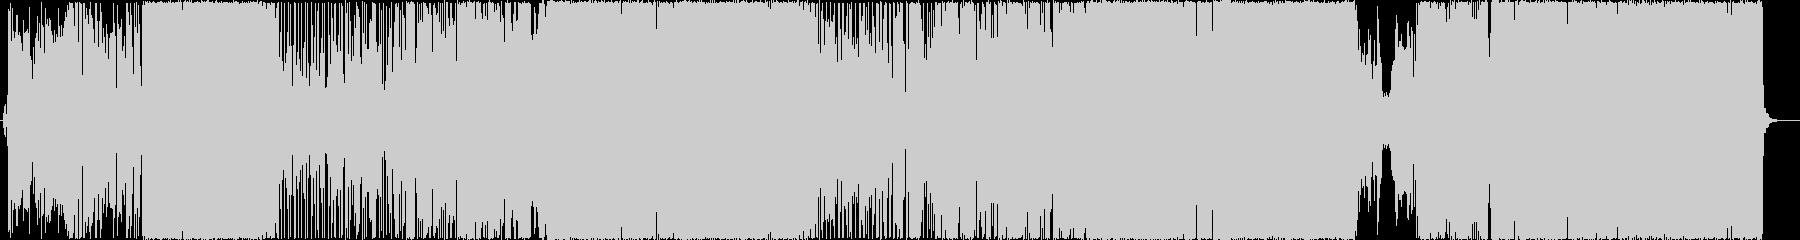 ナニモシラナイの未再生の波形